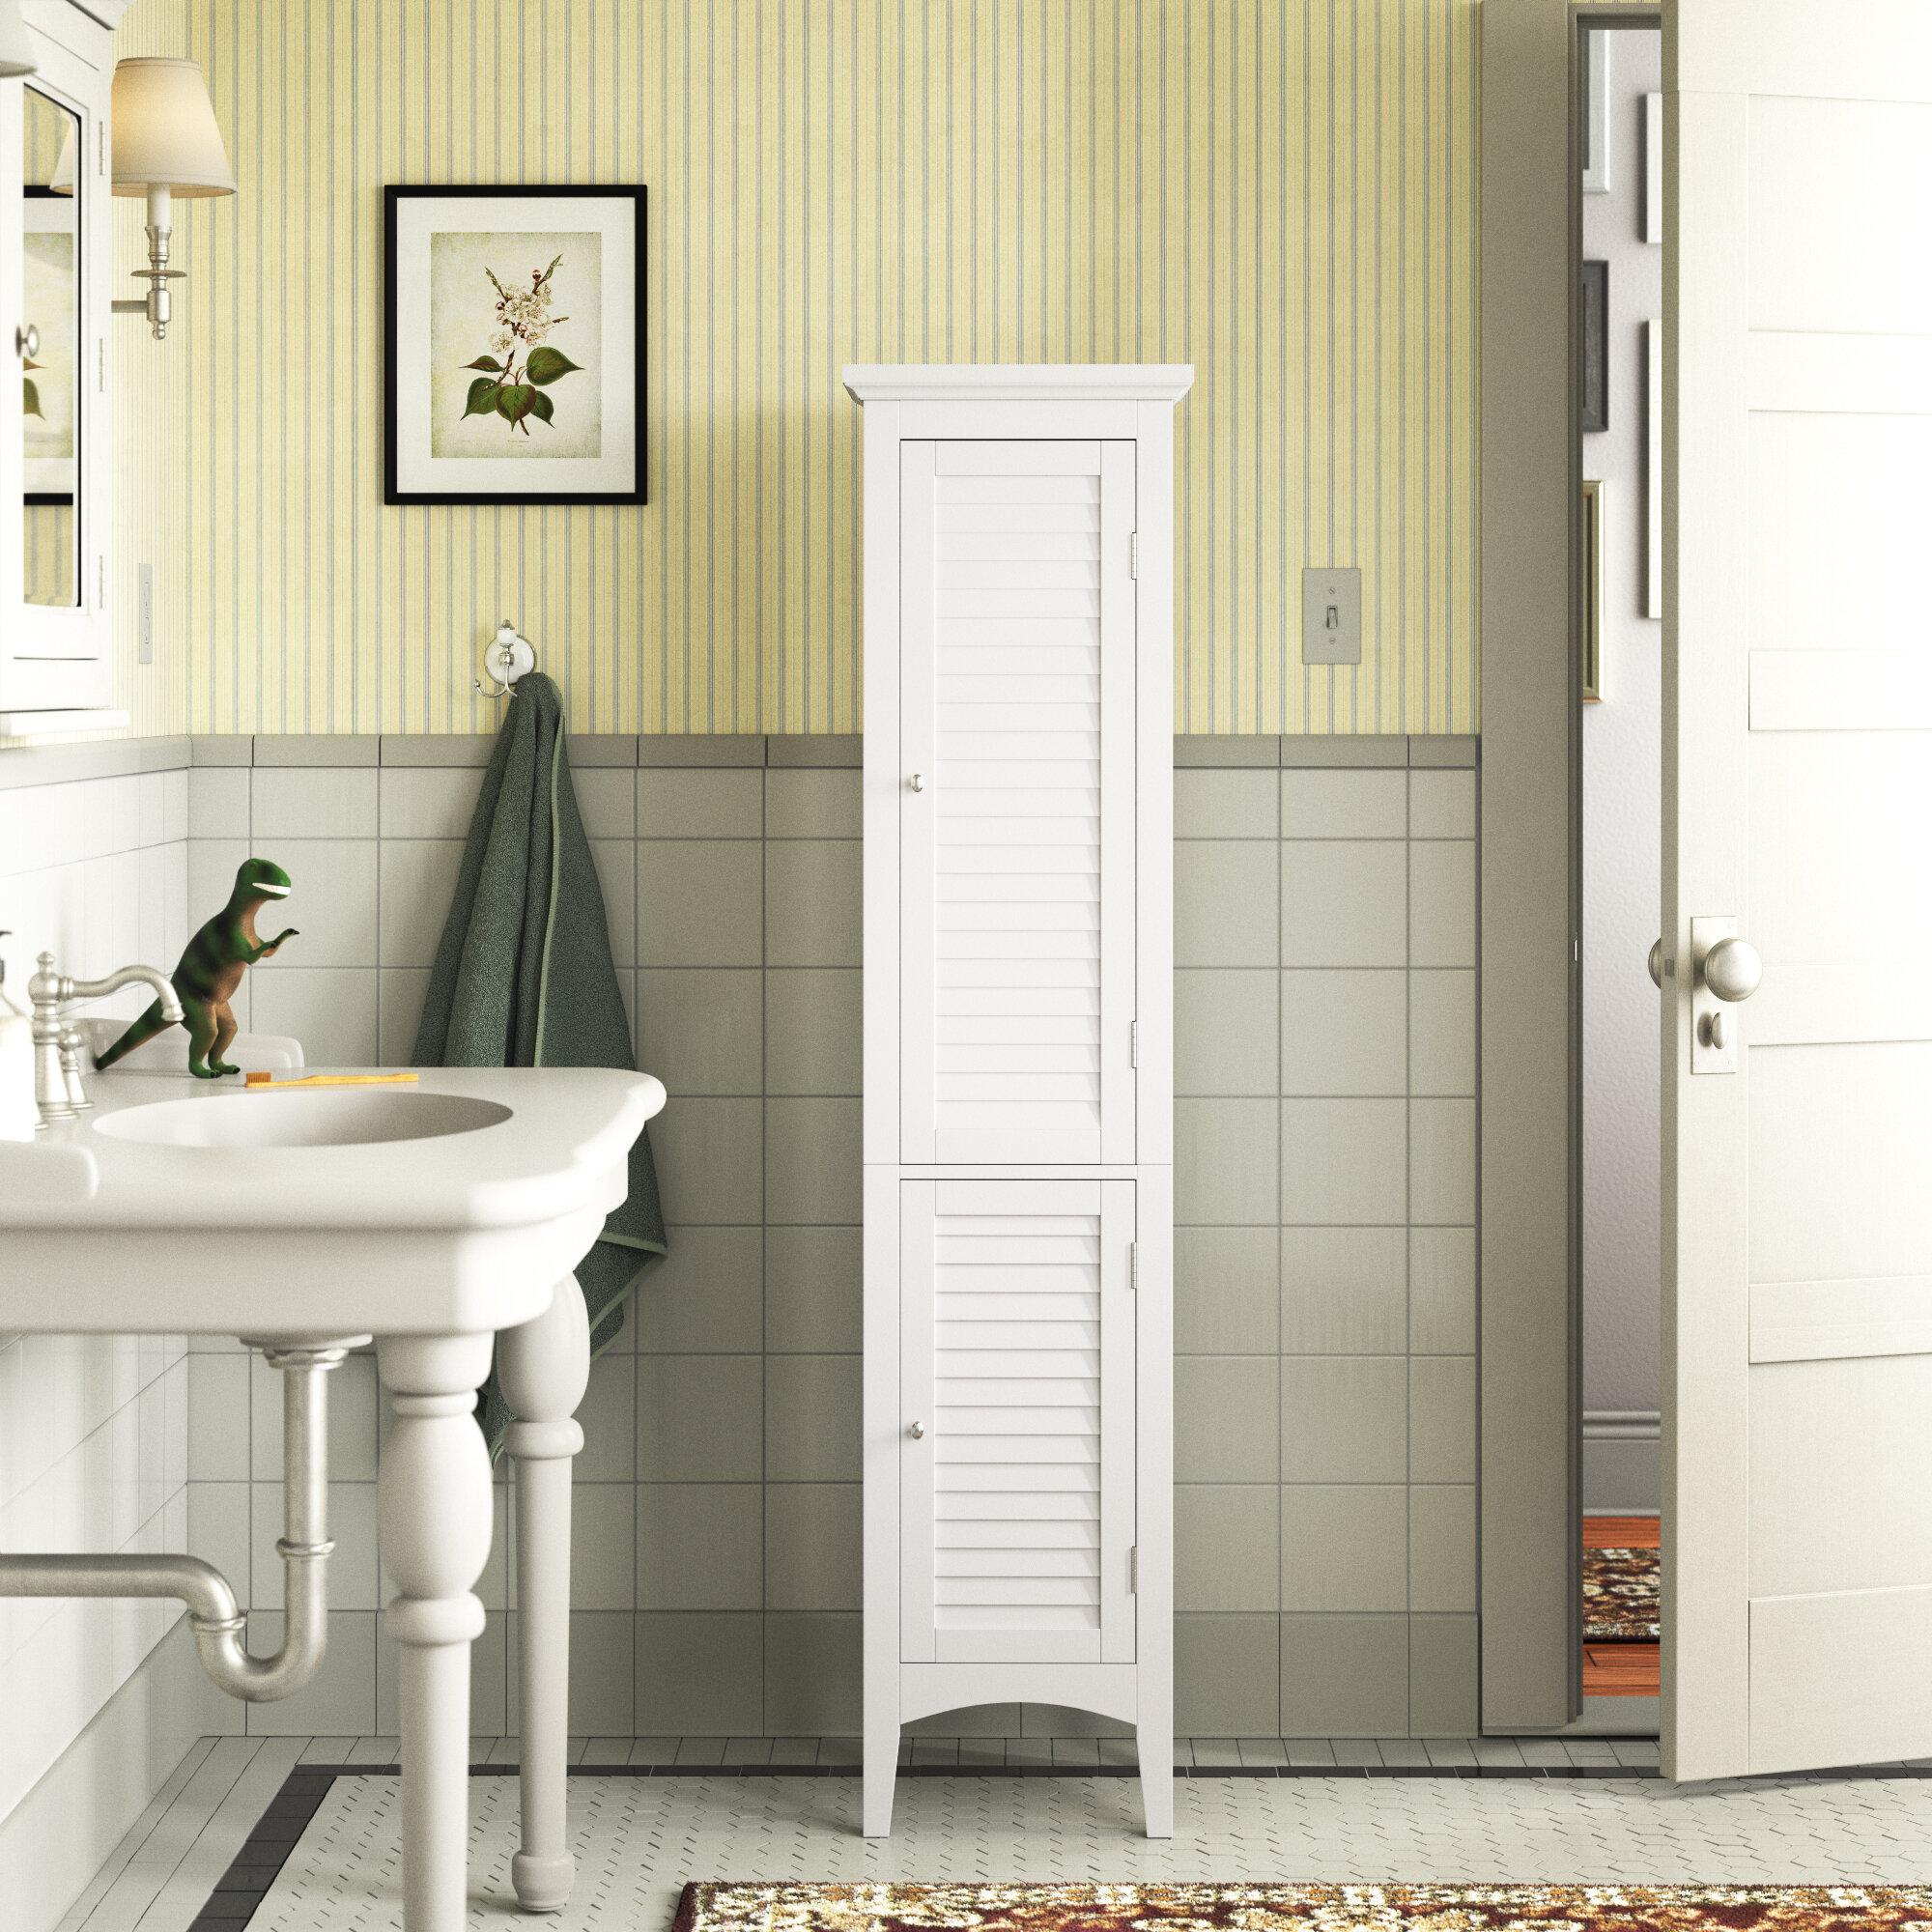 Large Linen Tower Cabinet Espresso 3 Adjustable Shelves Swing Door Bath Storage